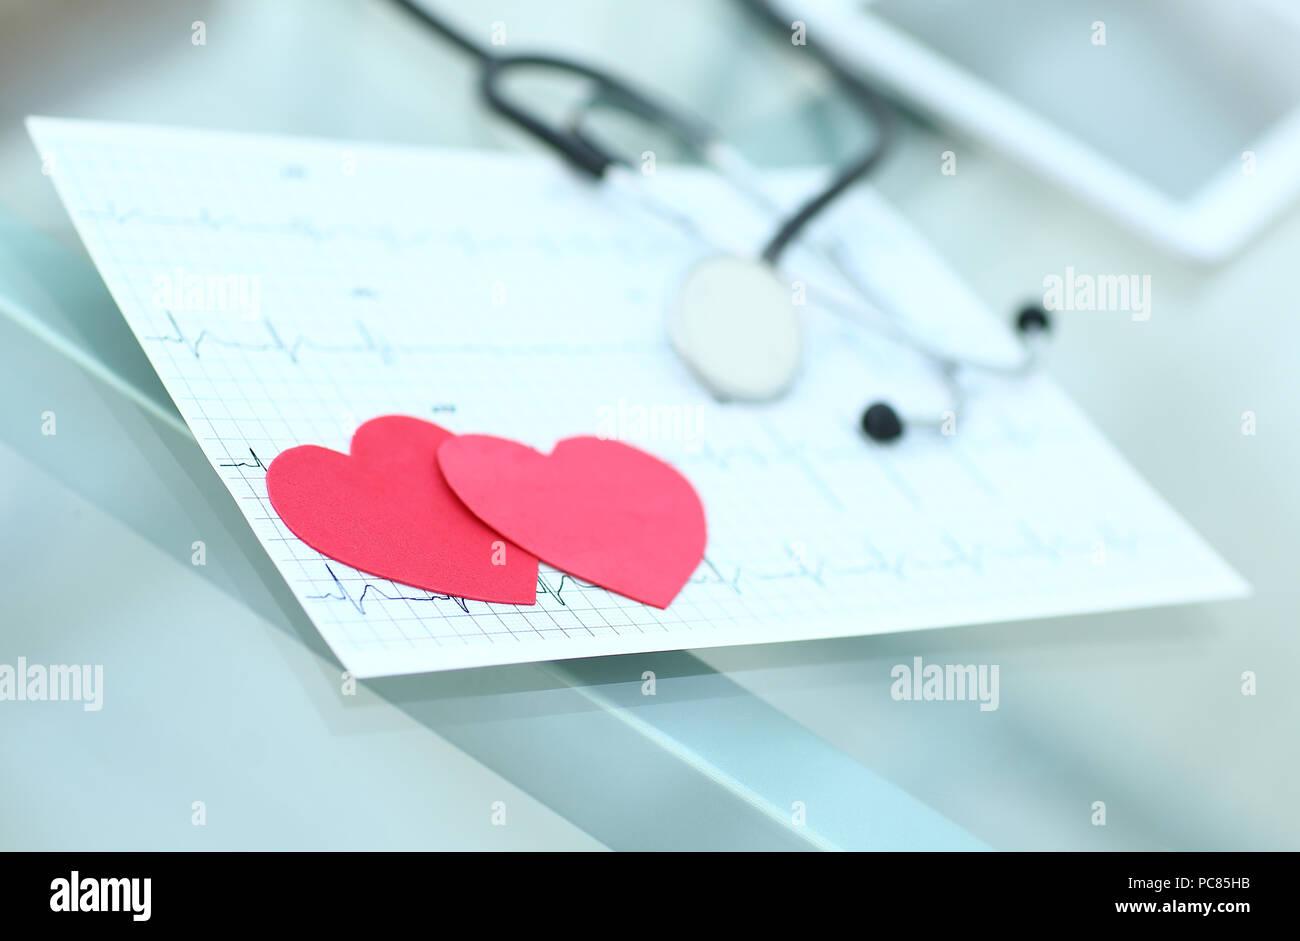 Heart Disease Awareness Stock Photos & Heart Disease Awareness Stock ...